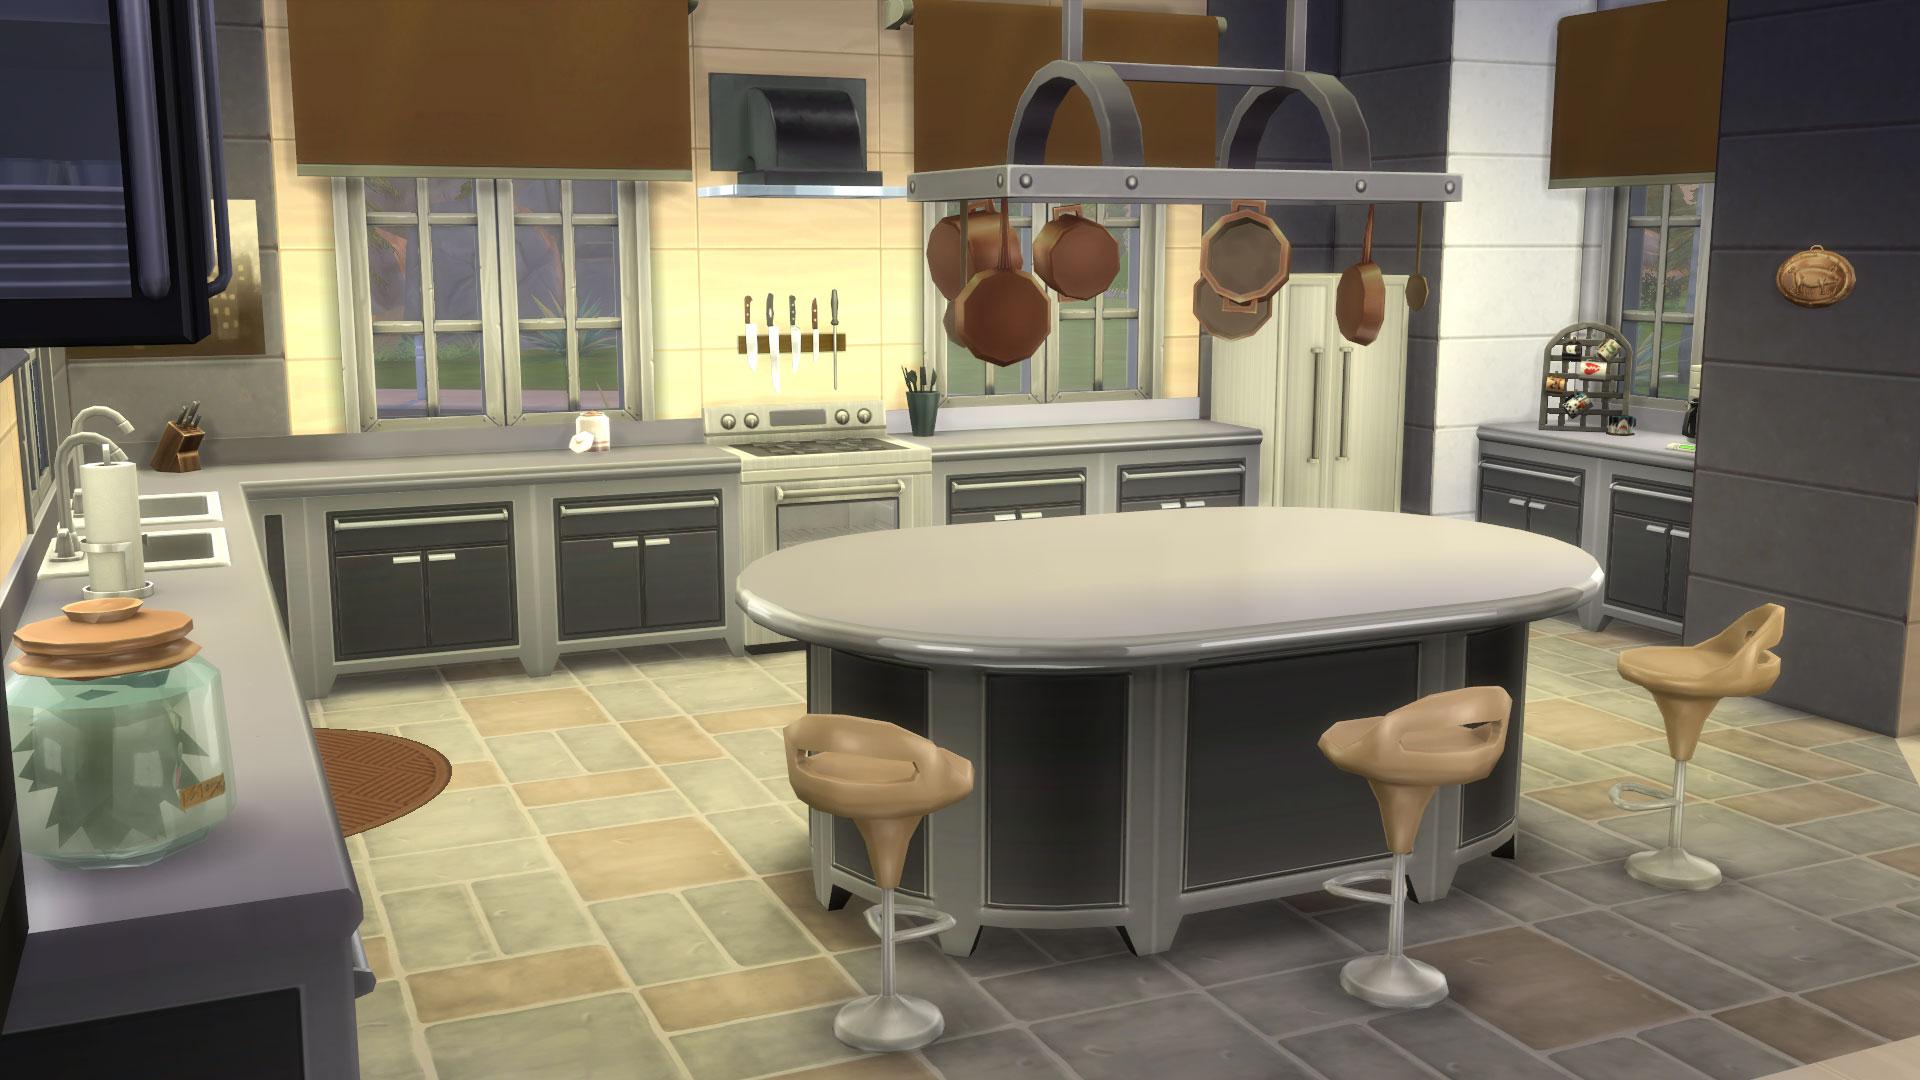 Community blog: zo maak je een prachtige keuken in de sims 4 ...